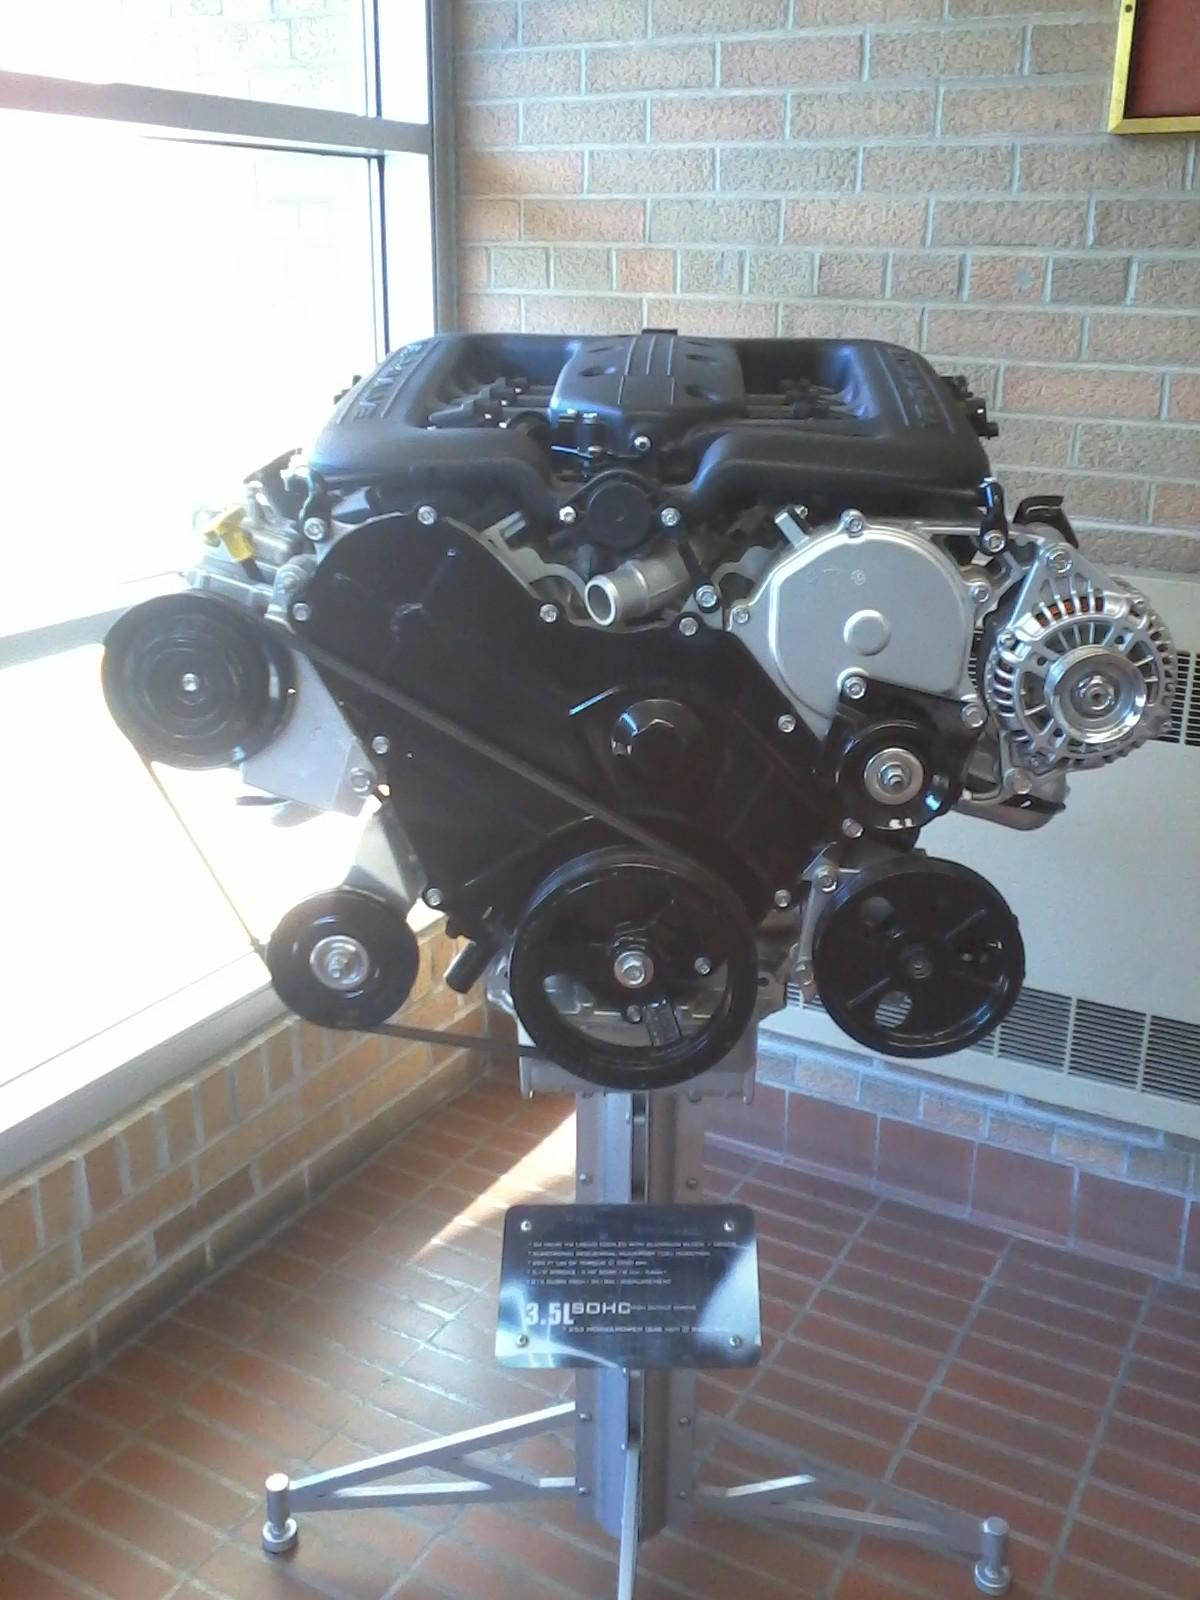 Chrysler 3 5 Engine Diagram Chrysler sohc V6 Engine Of Chrysler 3 5 Engine Diagram